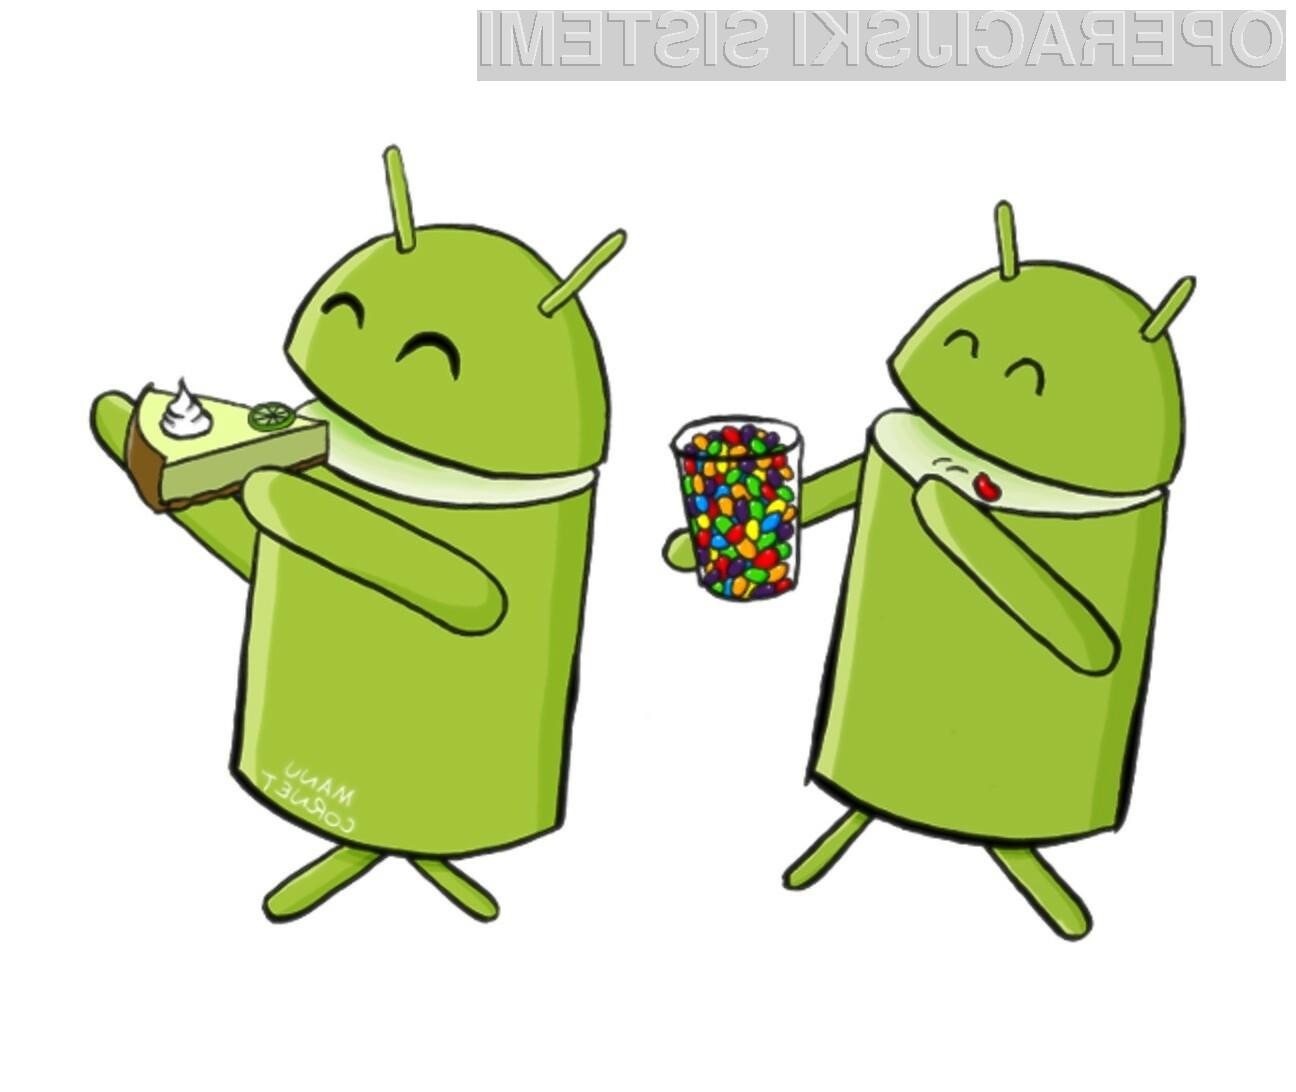 Android 5.0 Key Lime Pie le še vprašanje časa